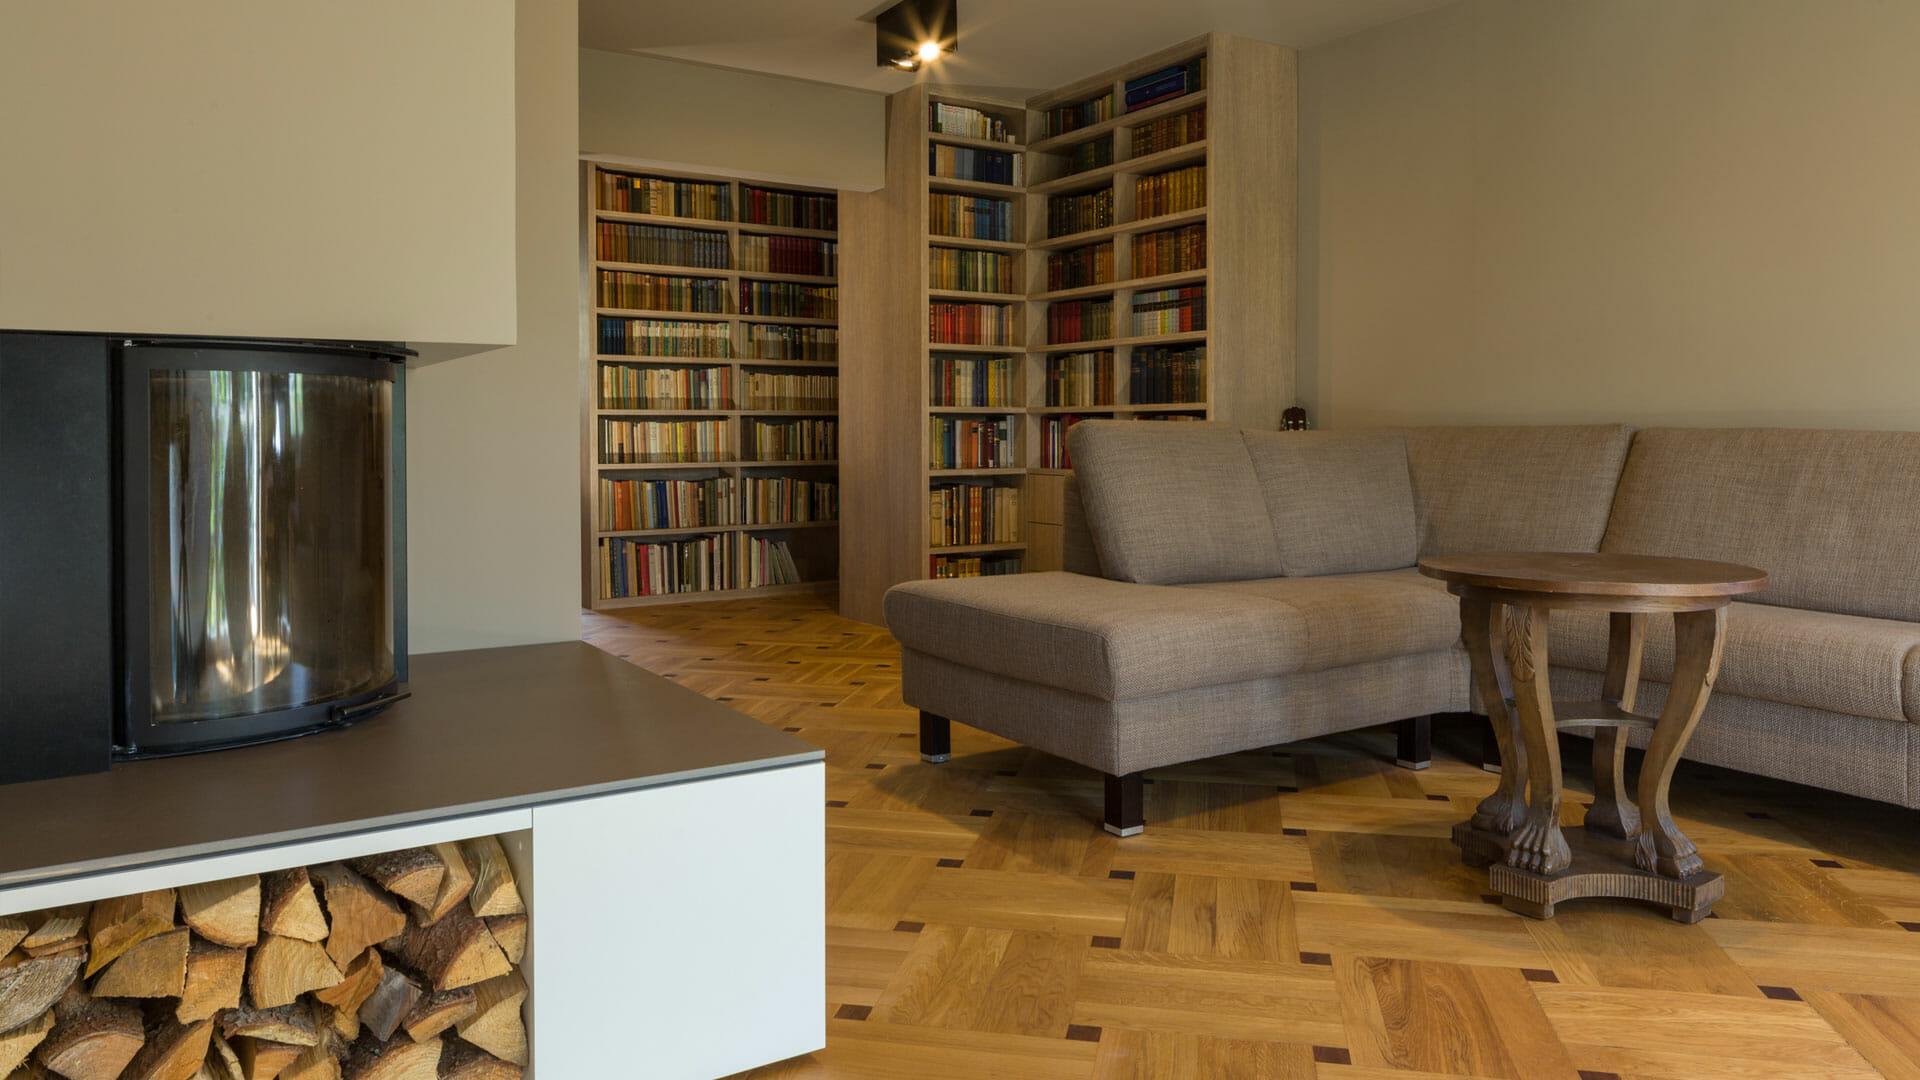 Elegantes wohnzimmer mit integrierter bibliothek - Bibliothek wohnzimmer ...